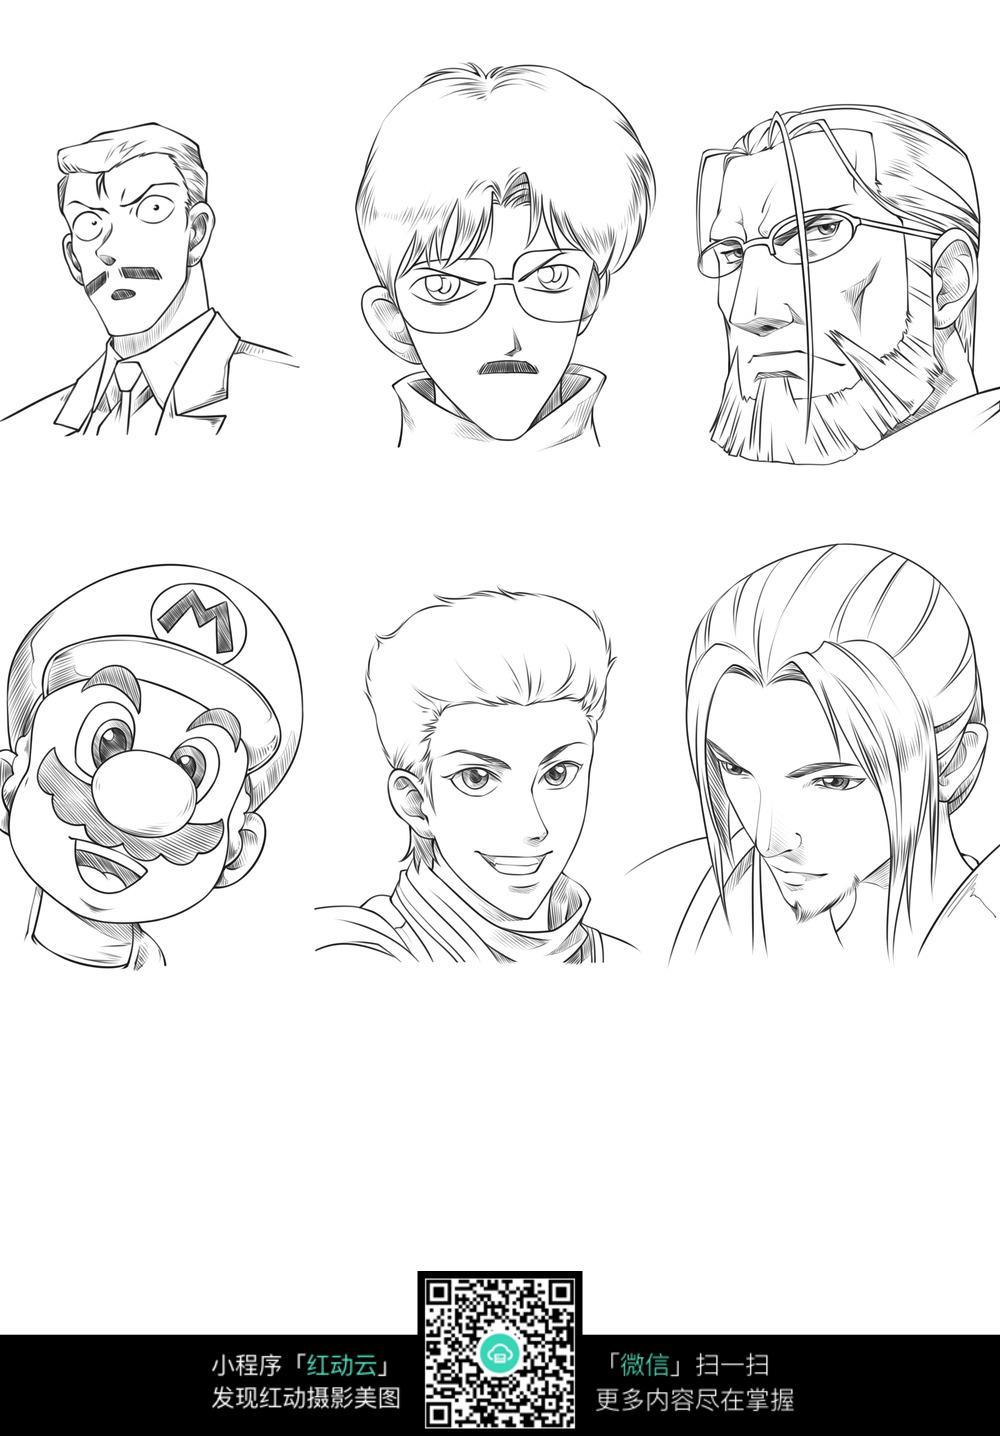 免费素材 图片素材 漫画插画 人物卡通 各种角色男头像动漫线稿  请您